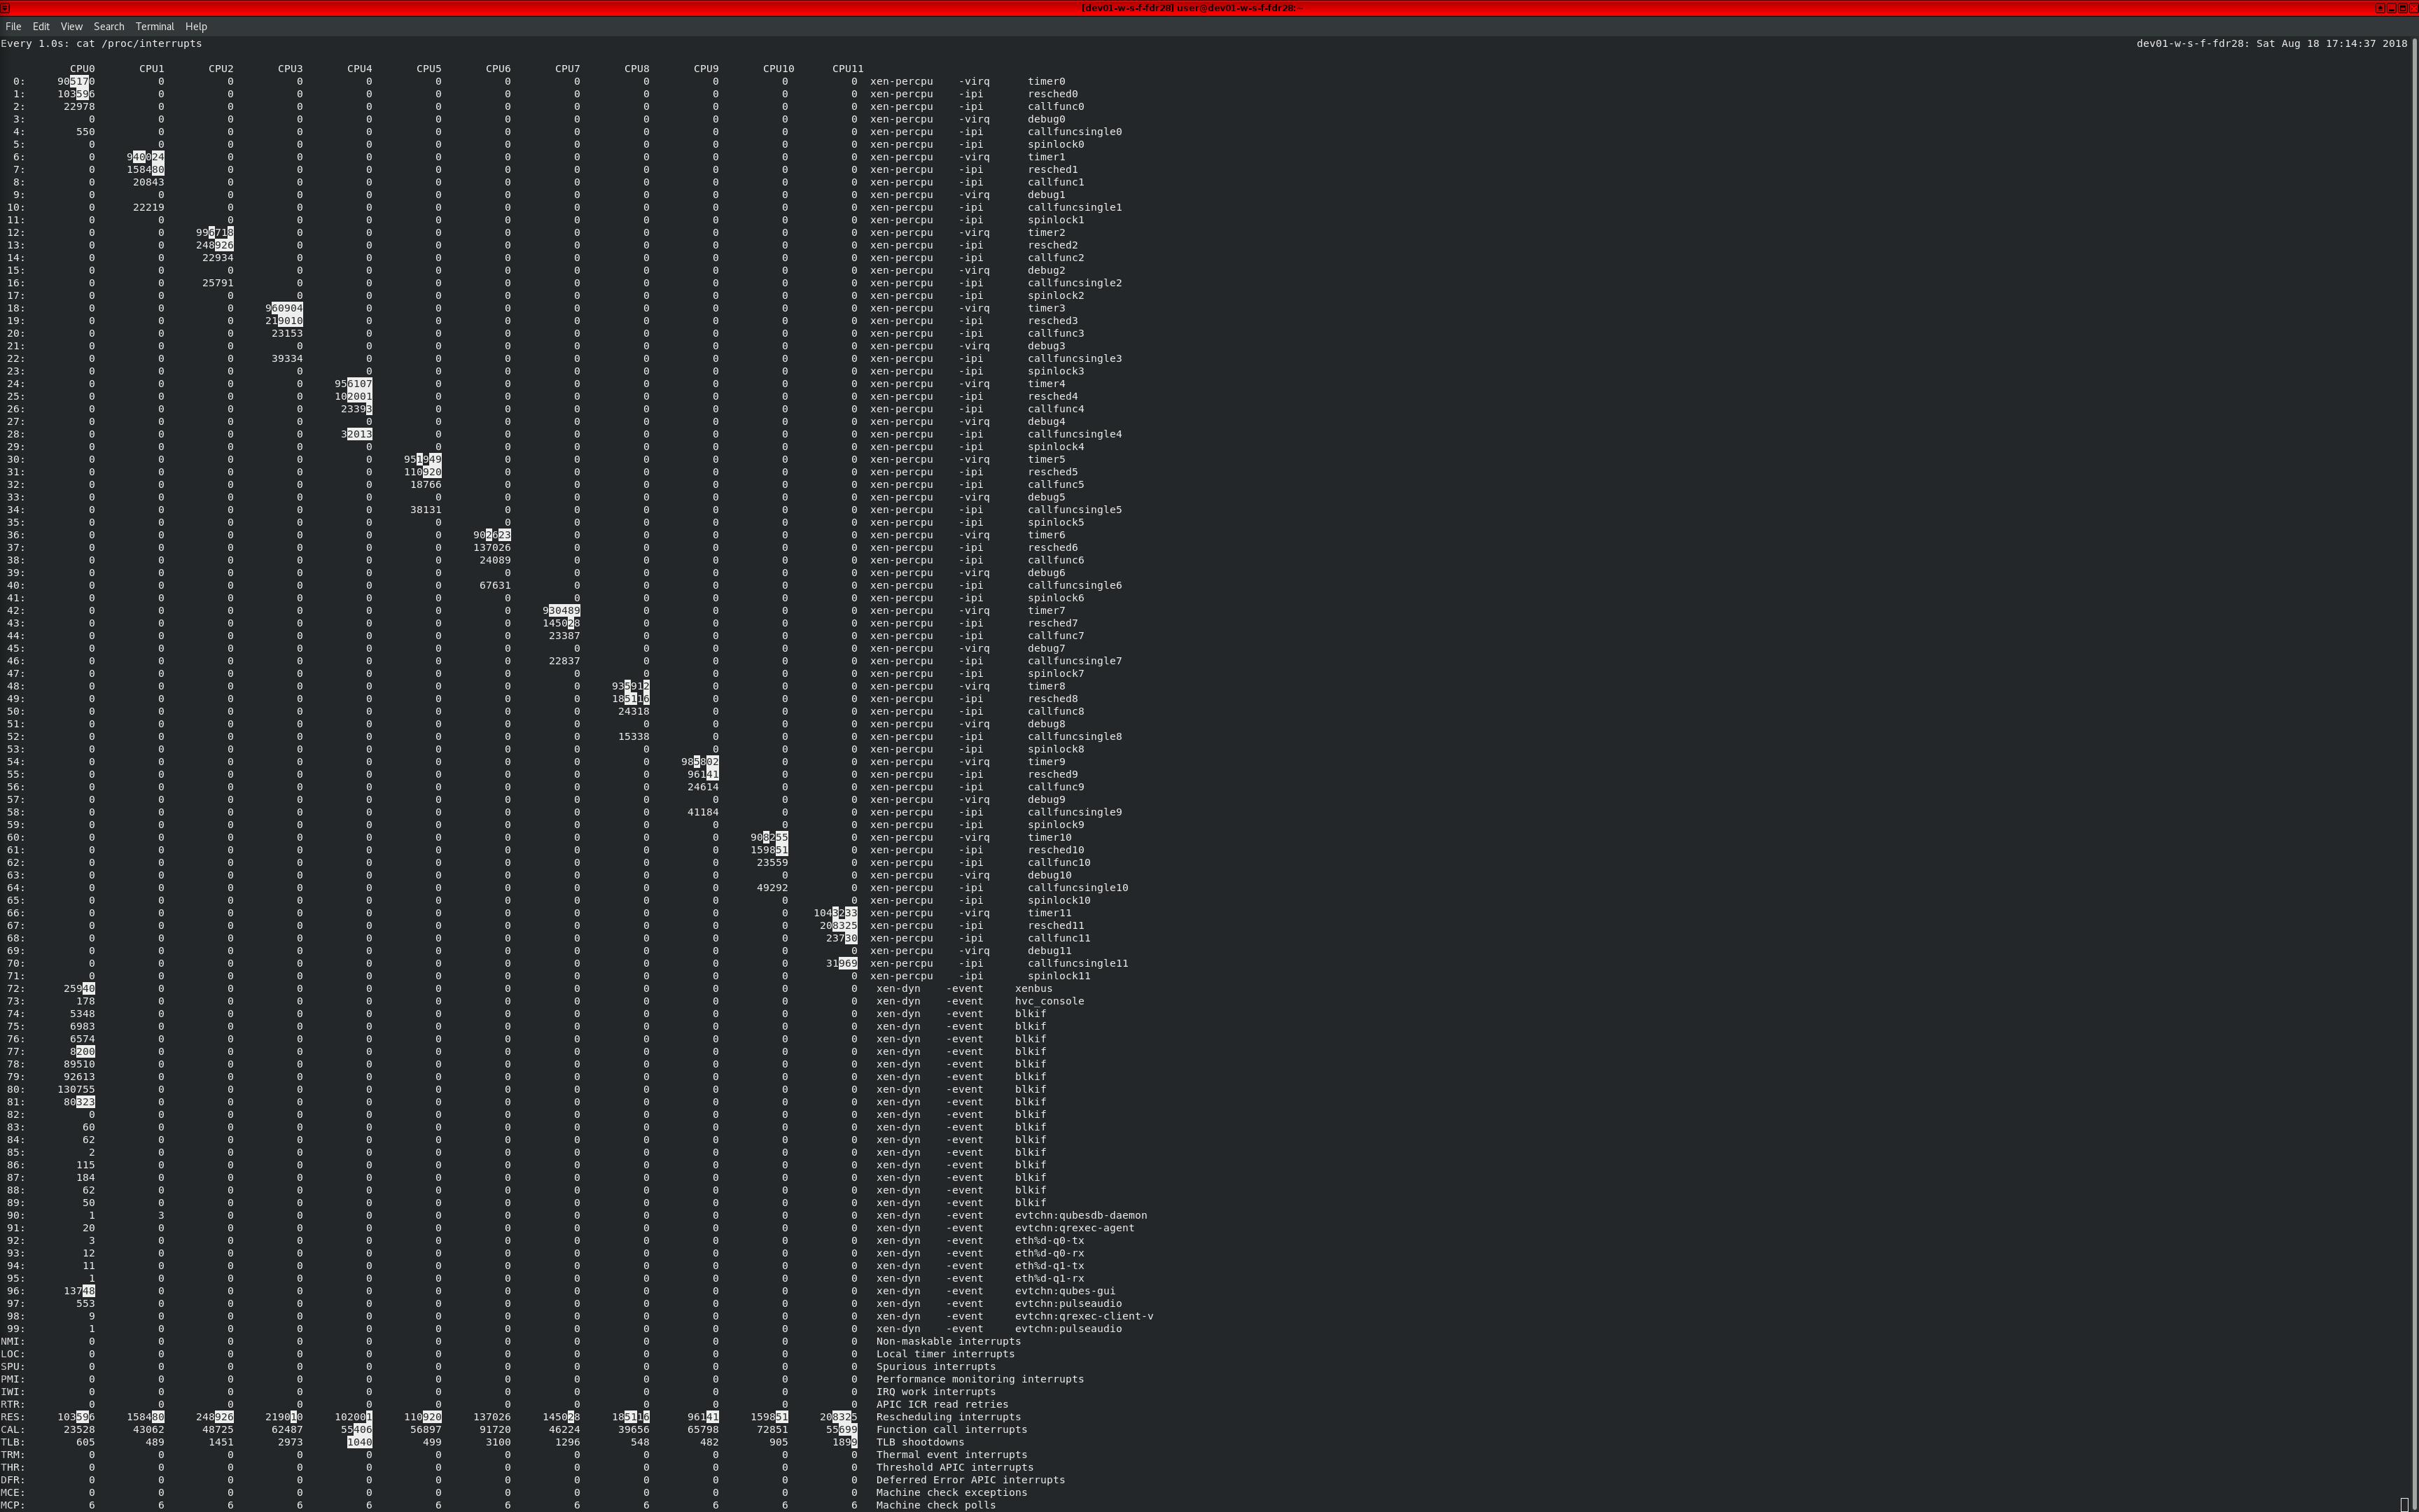 frozen_interrupts_screenshot_2018-08-18_17-39-31